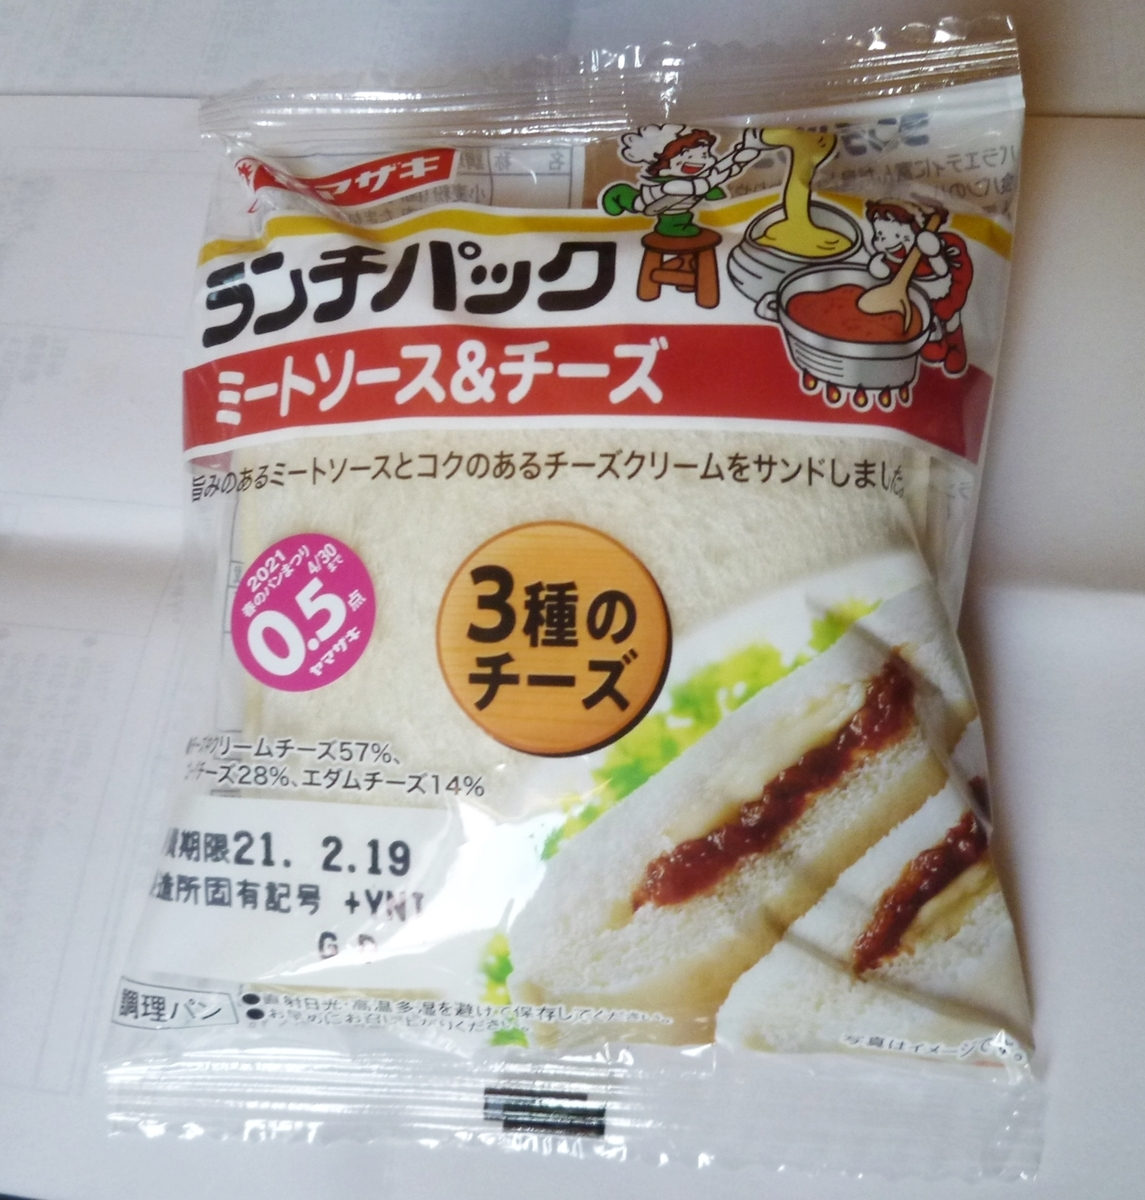 ヤマザキ ランチパック ミートソース&チーズ 3種のチーズ